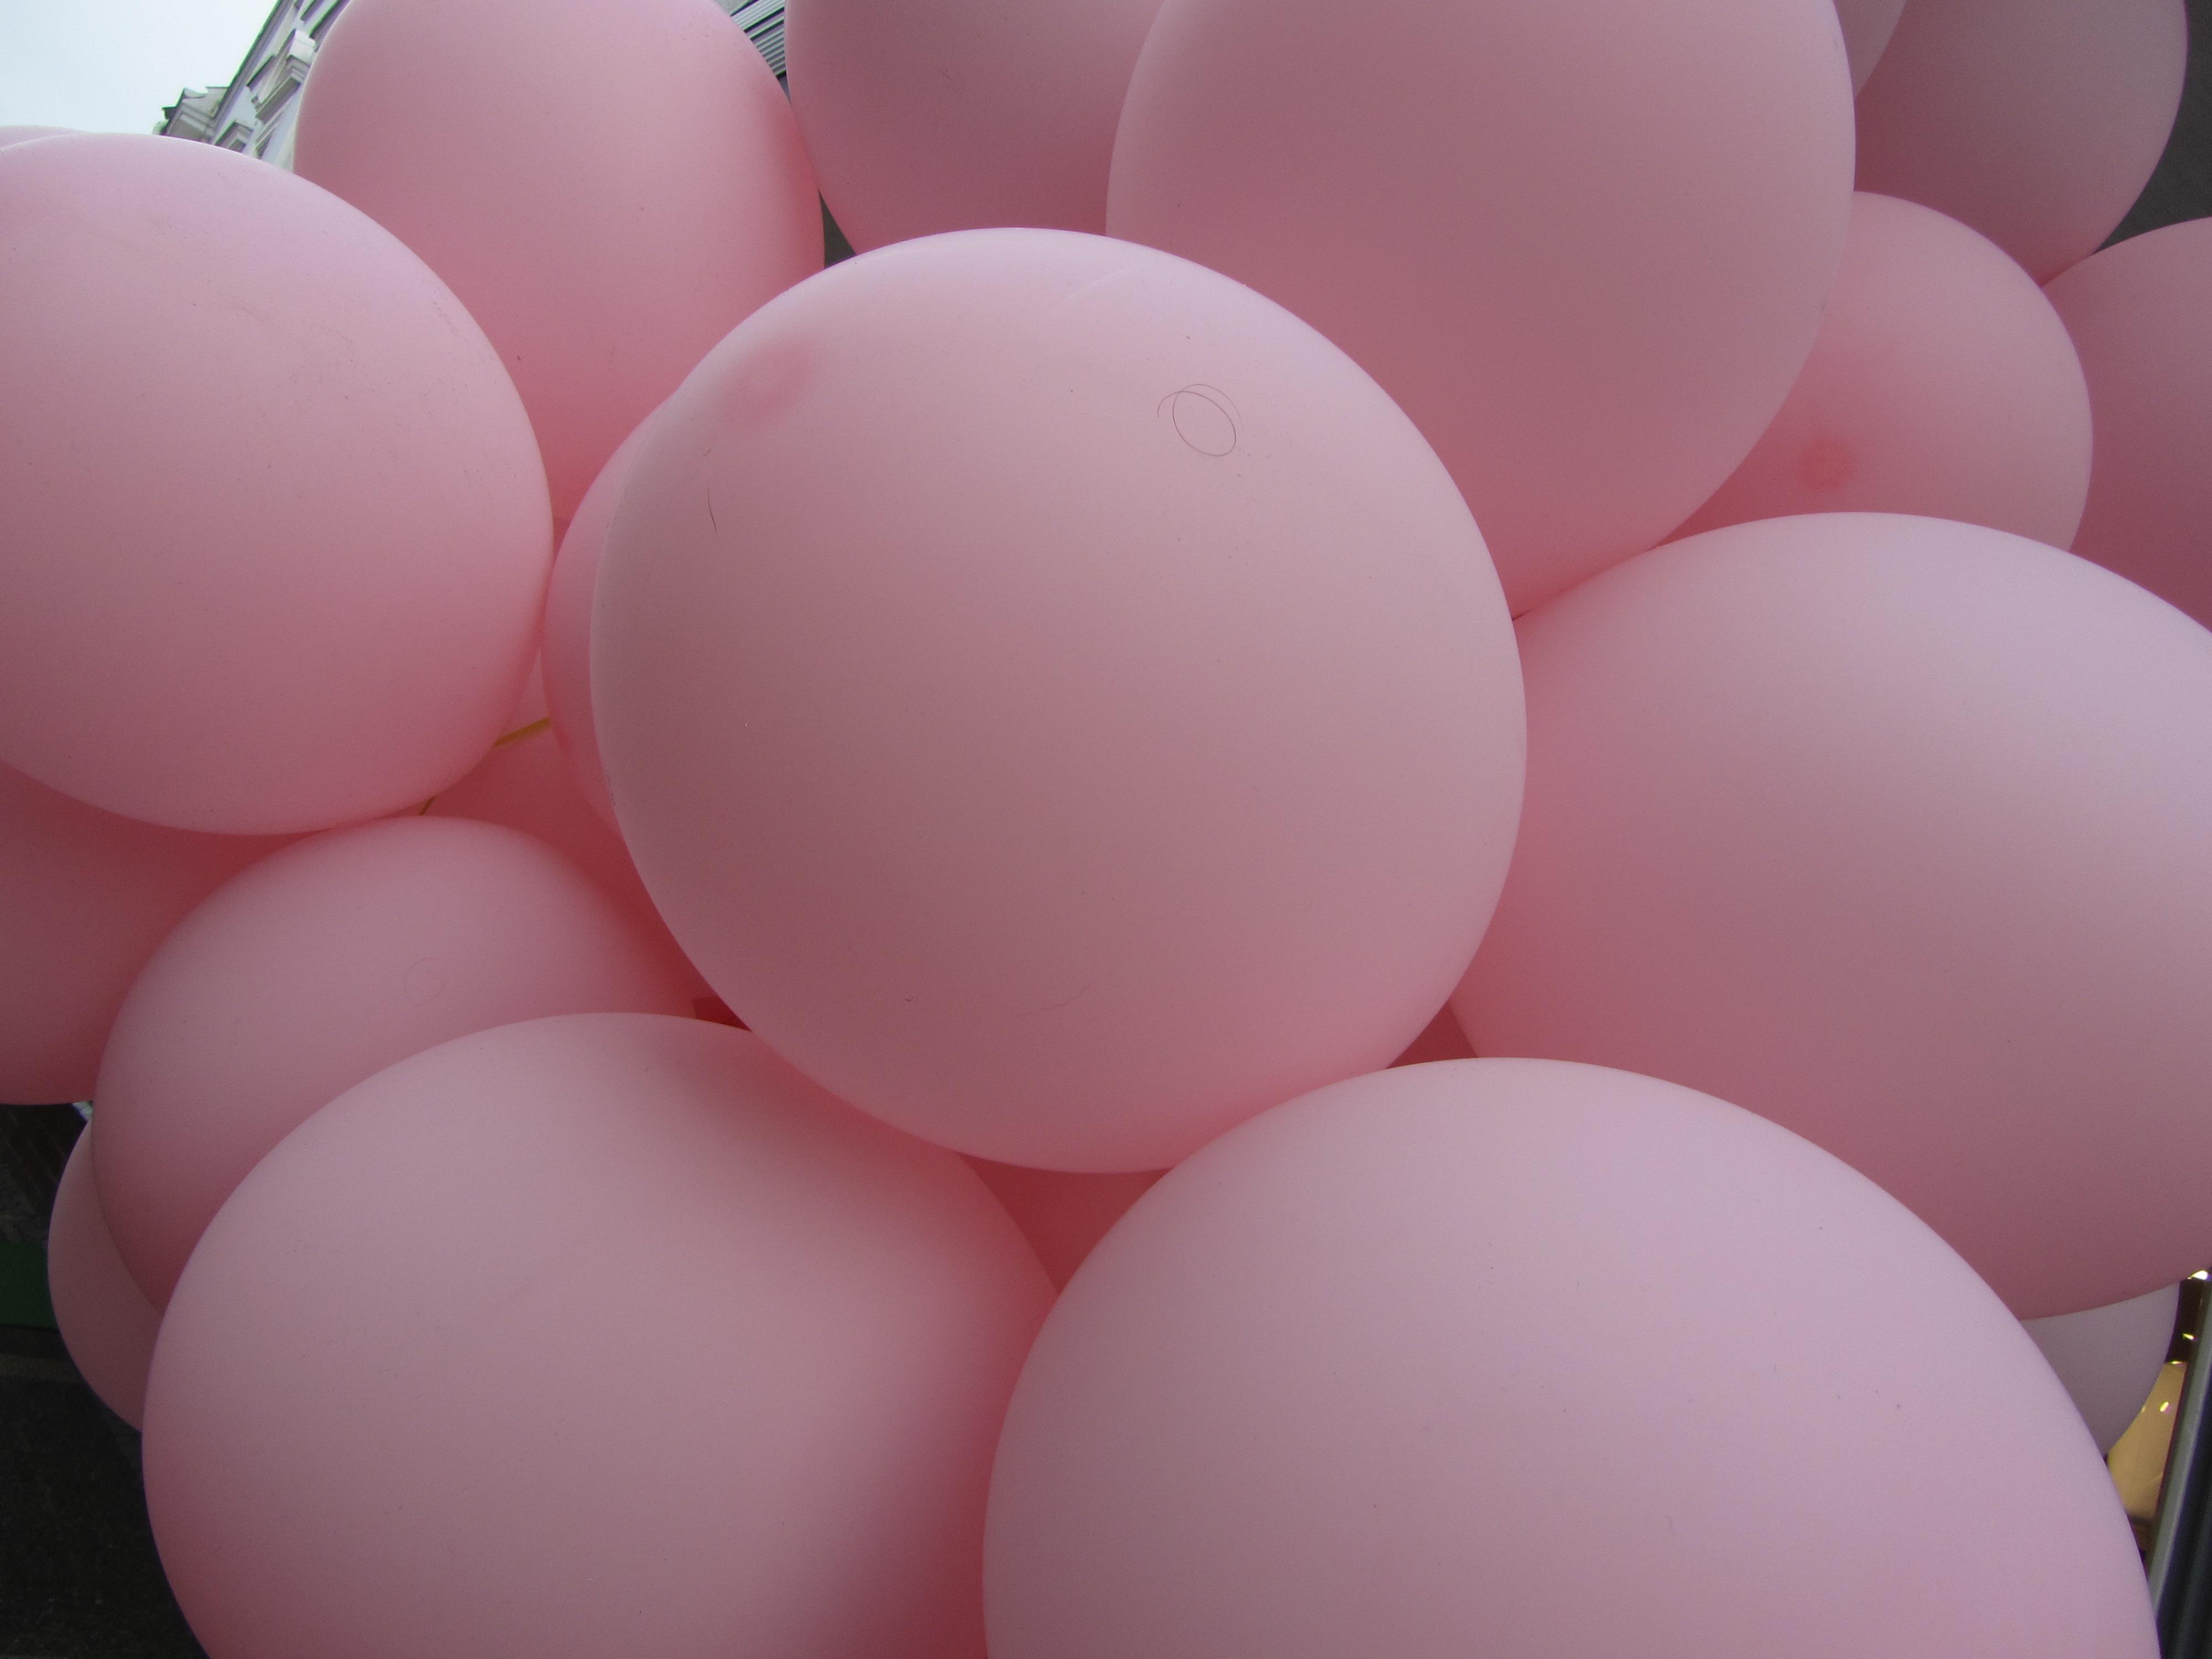 Party-Ballons in Lippstadt - fotografierte von Hotel und Appartement Haus Stallmeister in LIppstadt